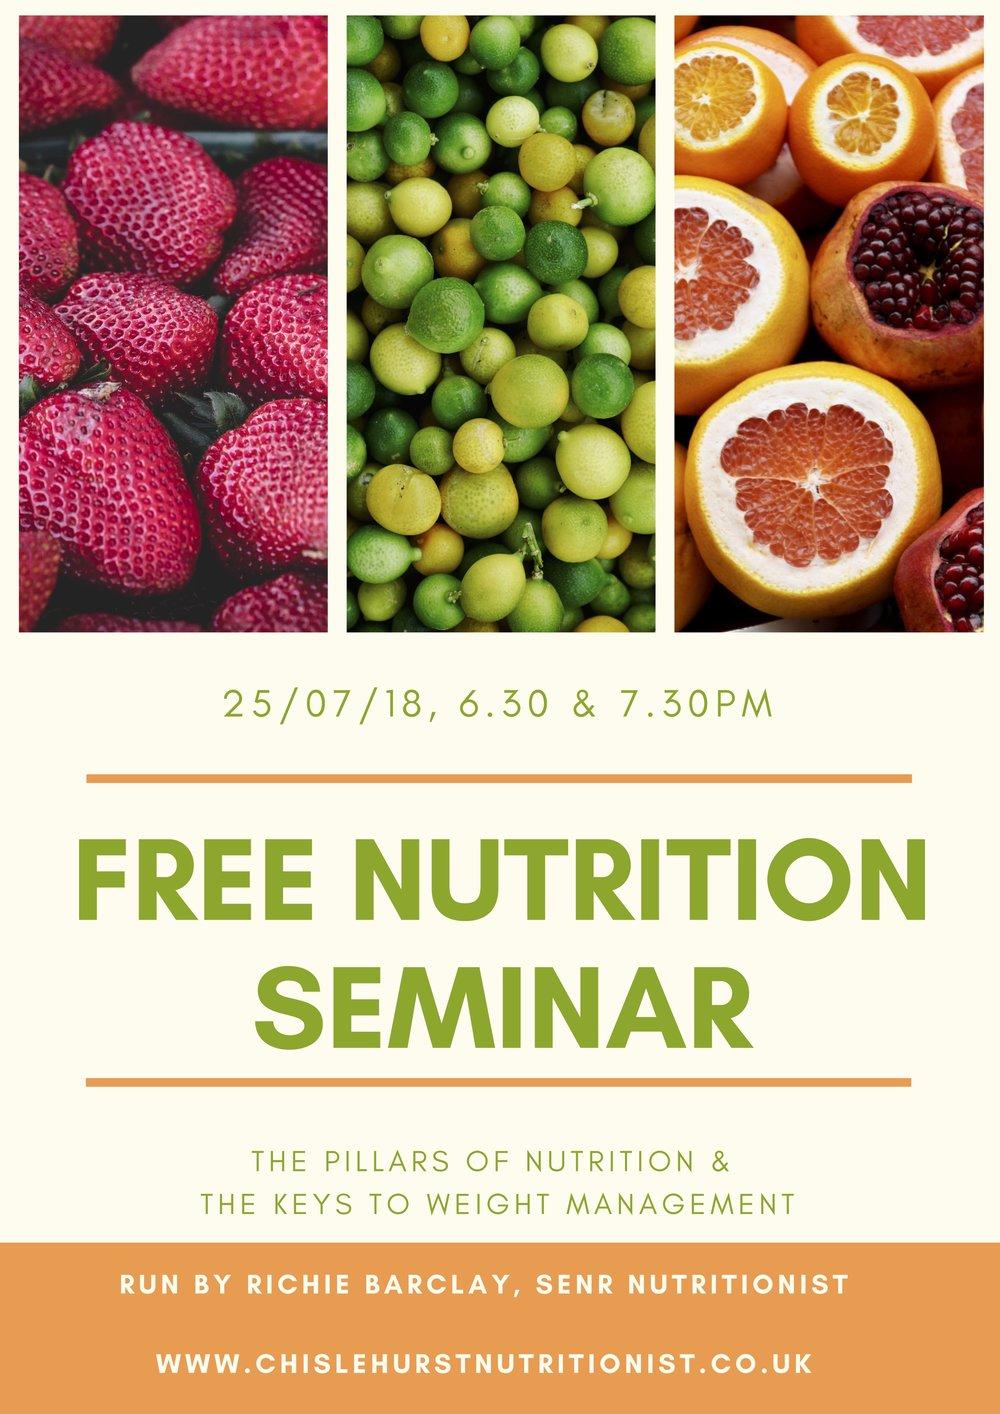 free nutrition seminar-2.jpg